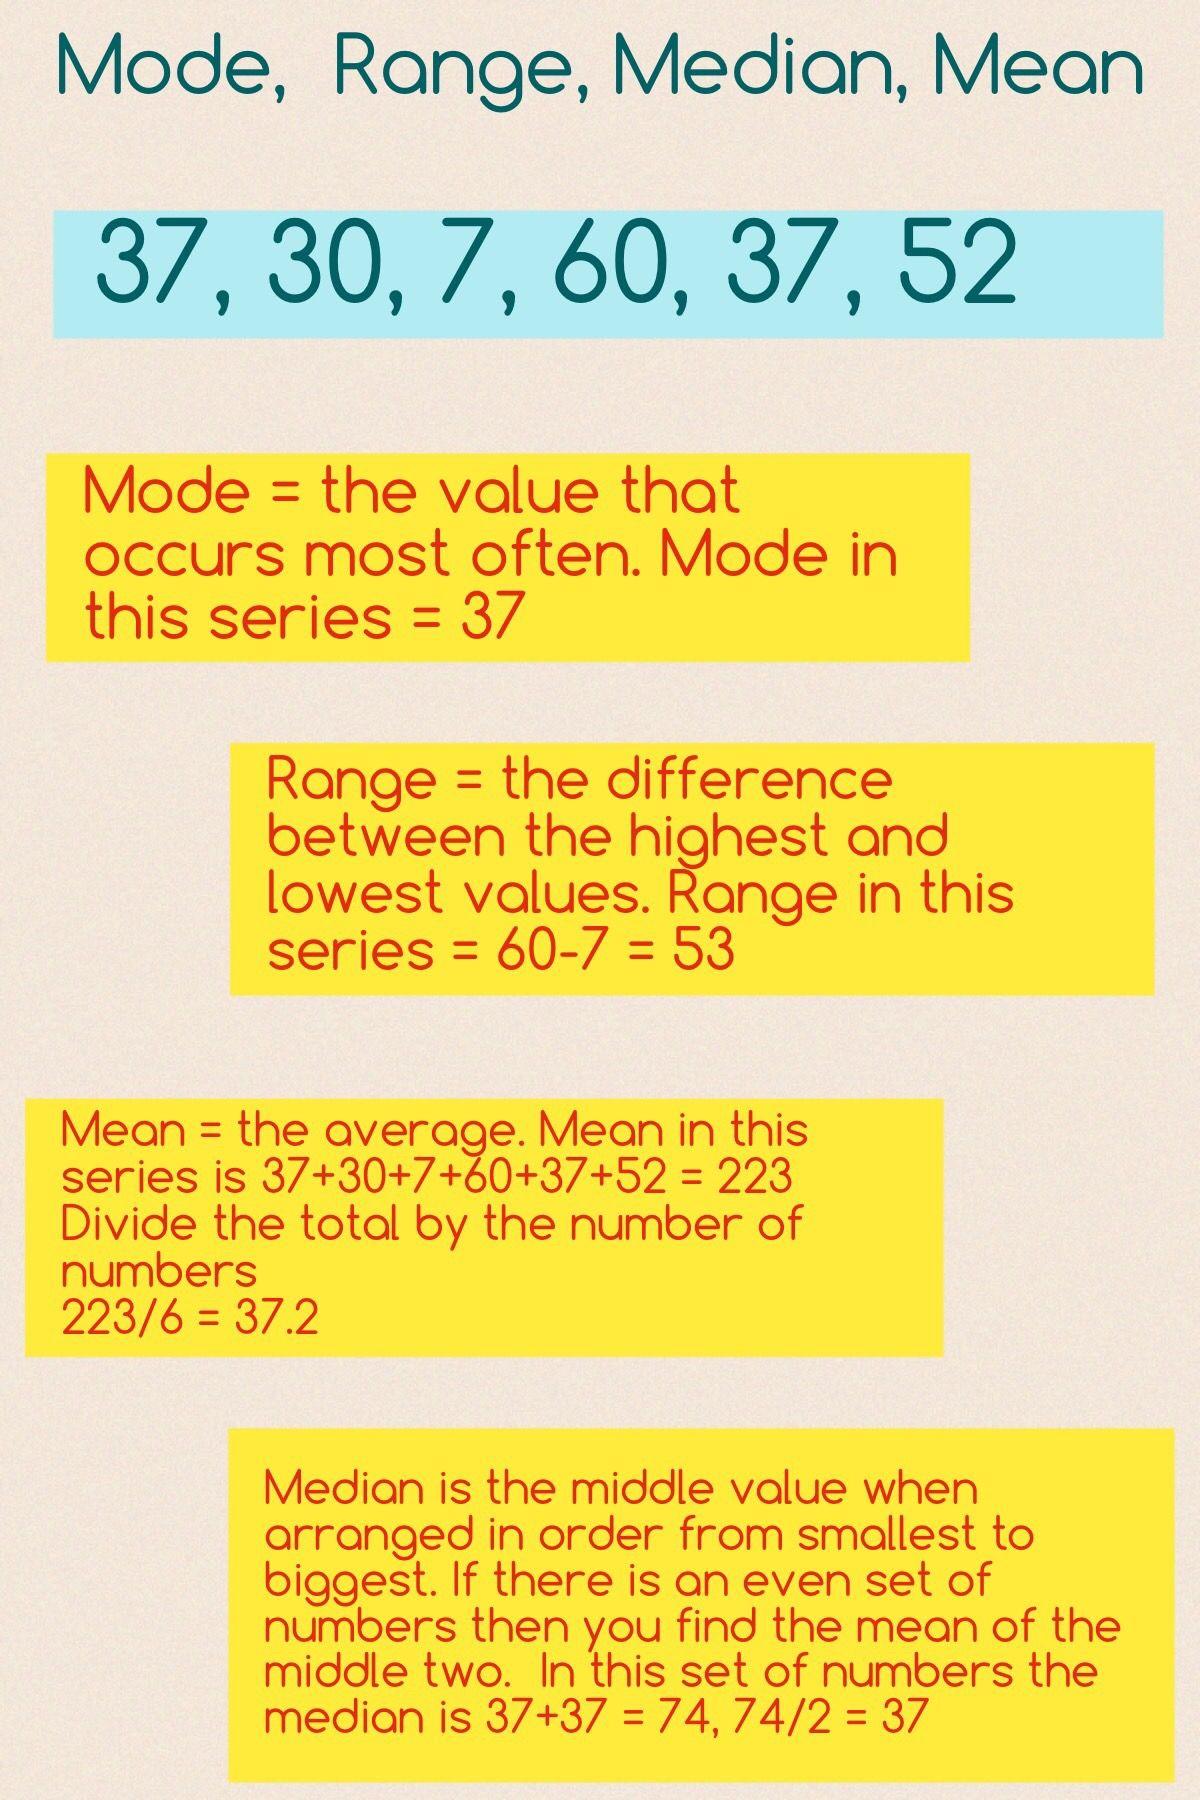 Mode Median Mean Range